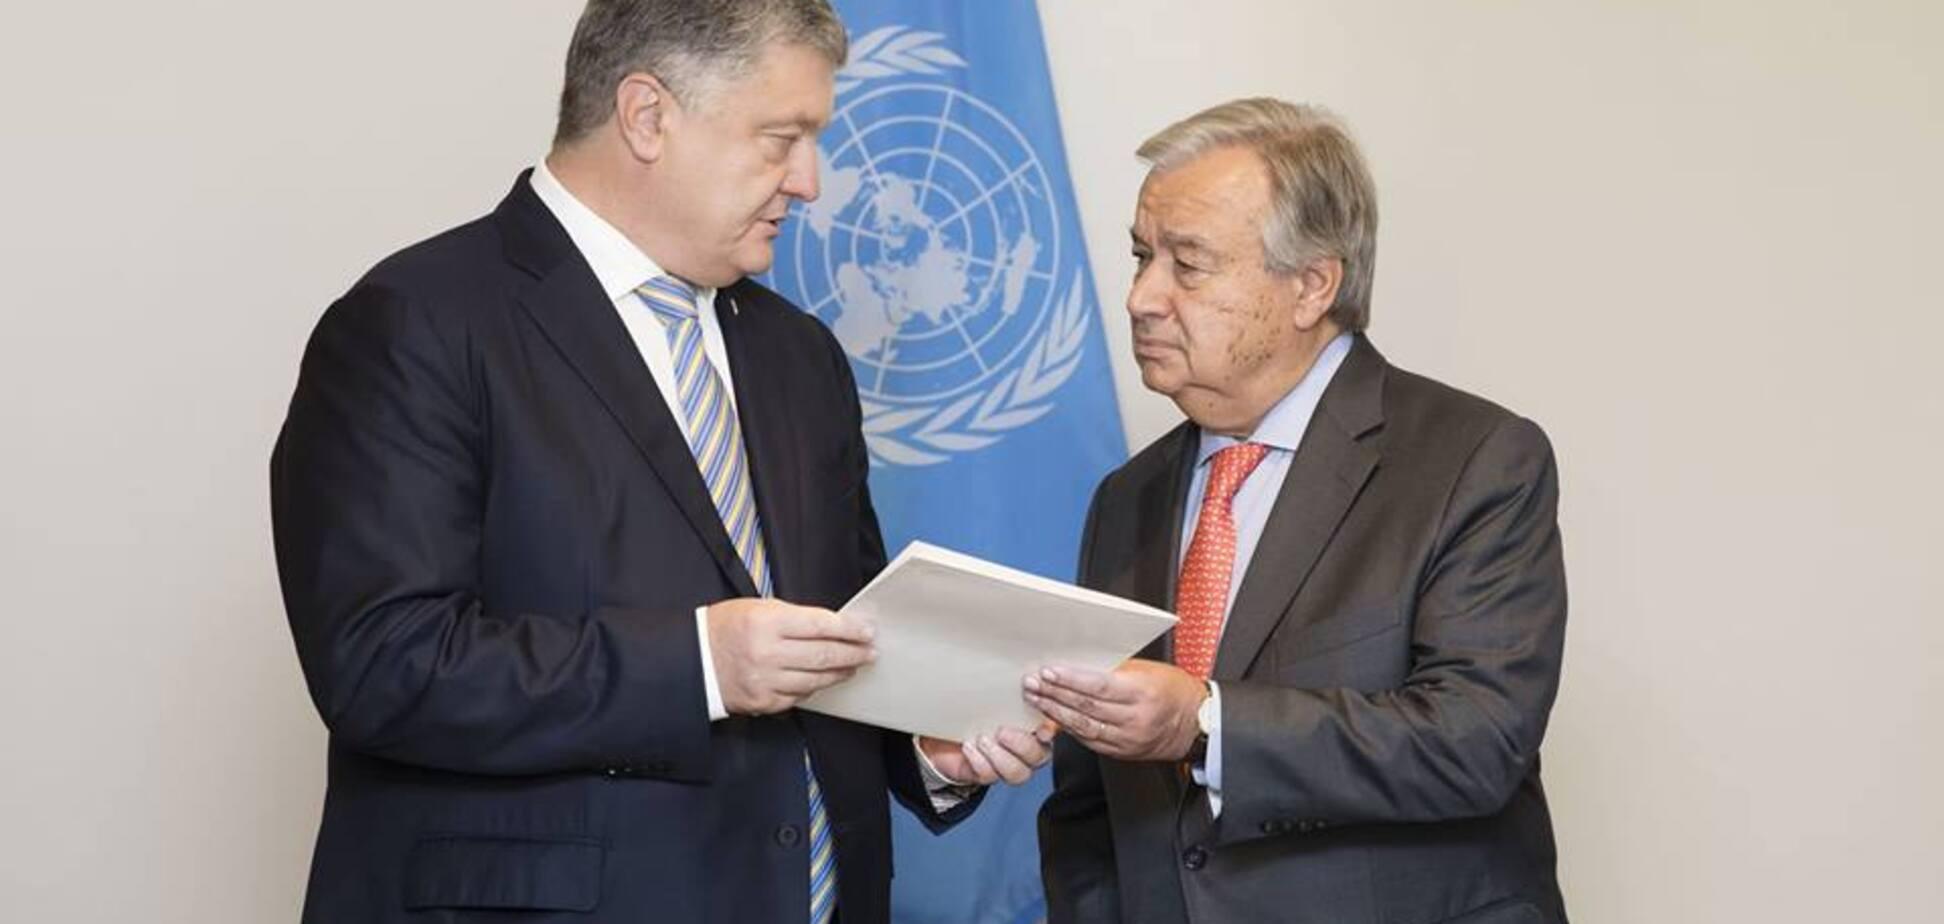 Конец дружбе с Россией: стало известно о решительном шаге Украины в ООН